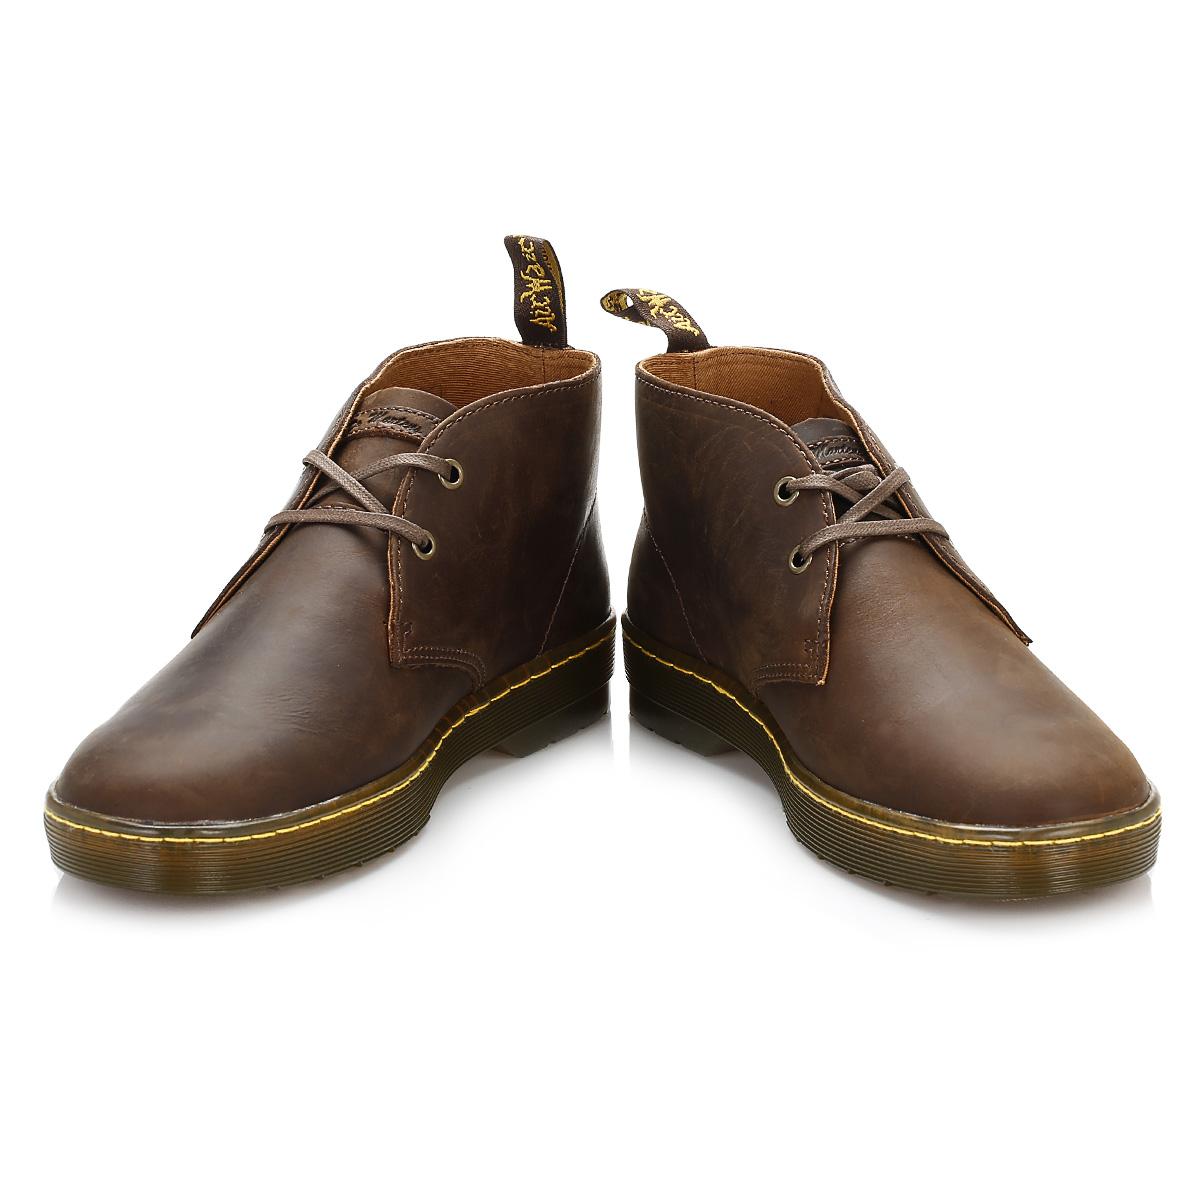 Dr-Martens-Mens-Docs-Gaucho-Cabrillo-Desert-Boots-